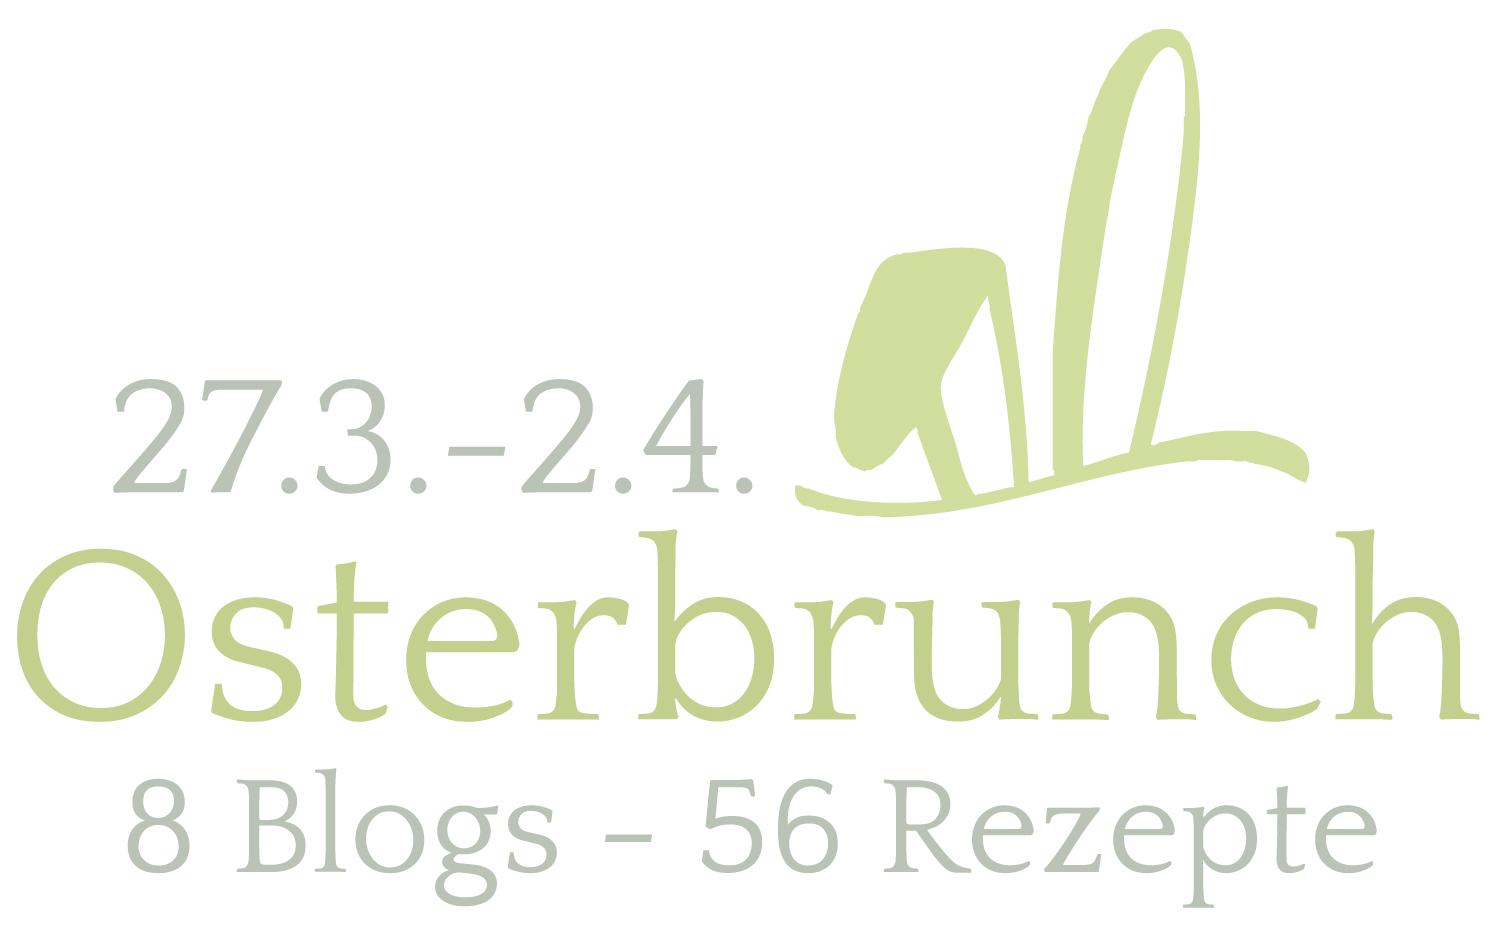 Steirisches Osterbrot